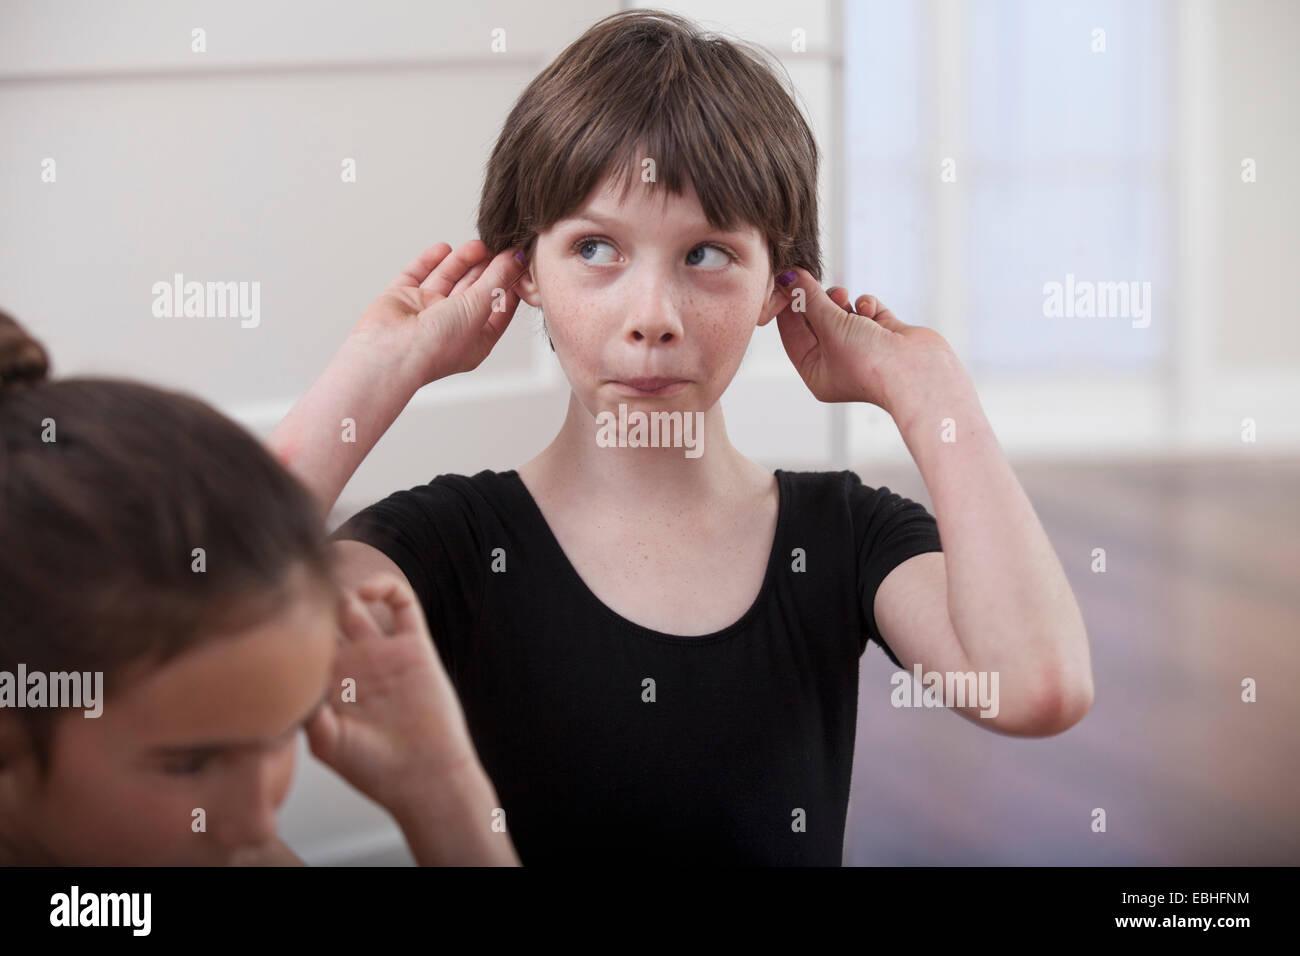 Chica con la celebración de orejas tirando de un rostro en la escuela de ballet Imagen De Stock